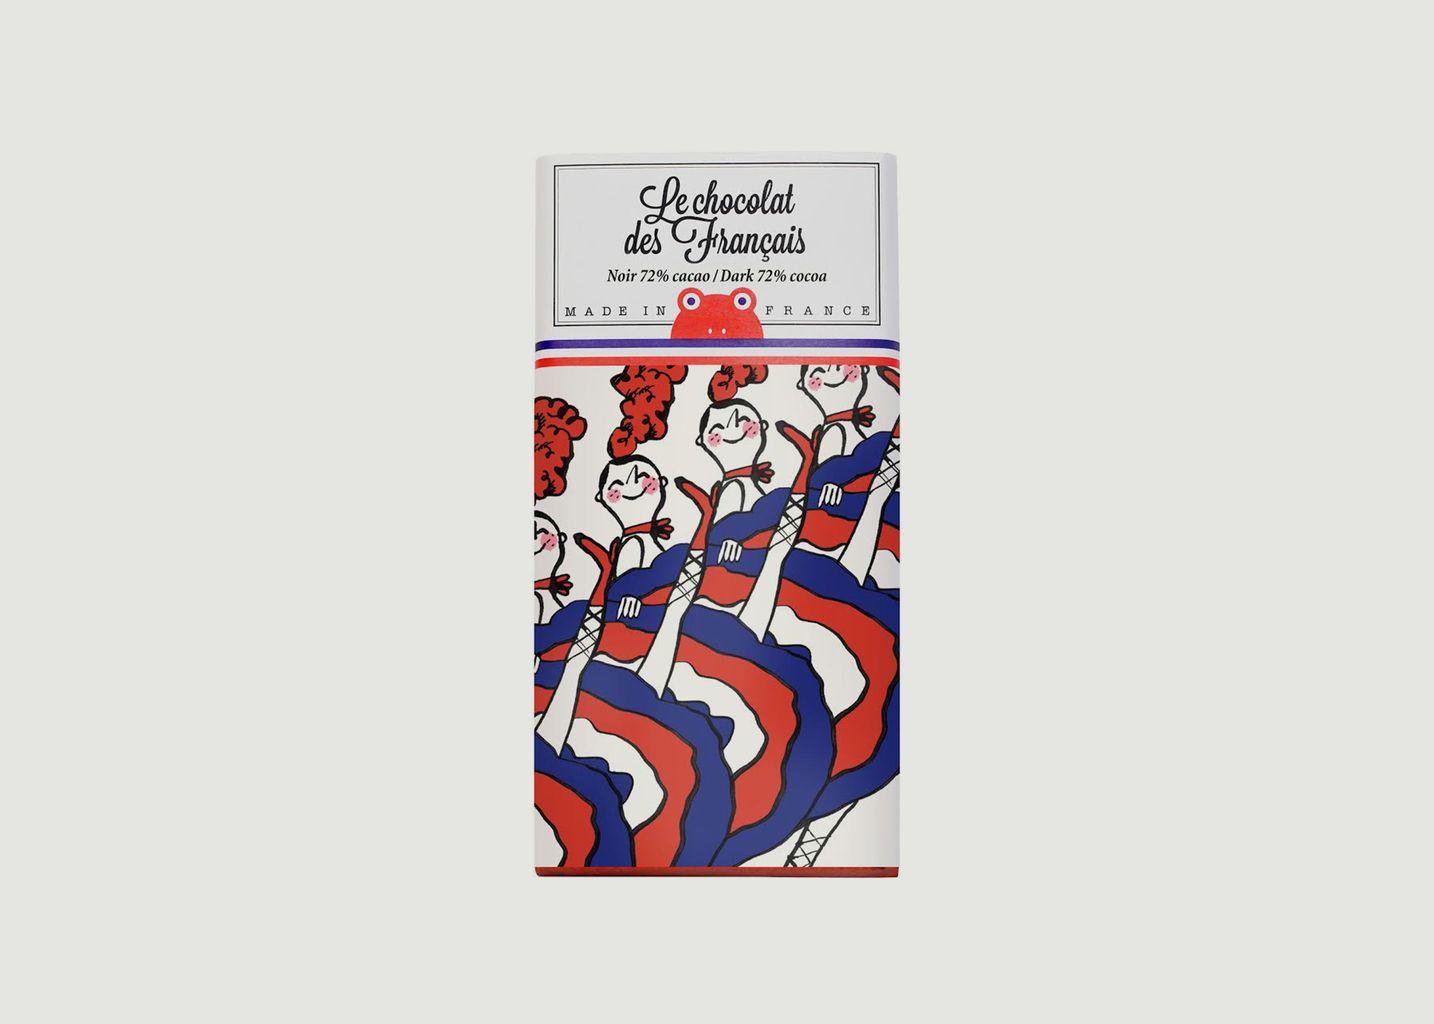 Tablette Cabaret - Noir 72 - Le Chocolat des Français